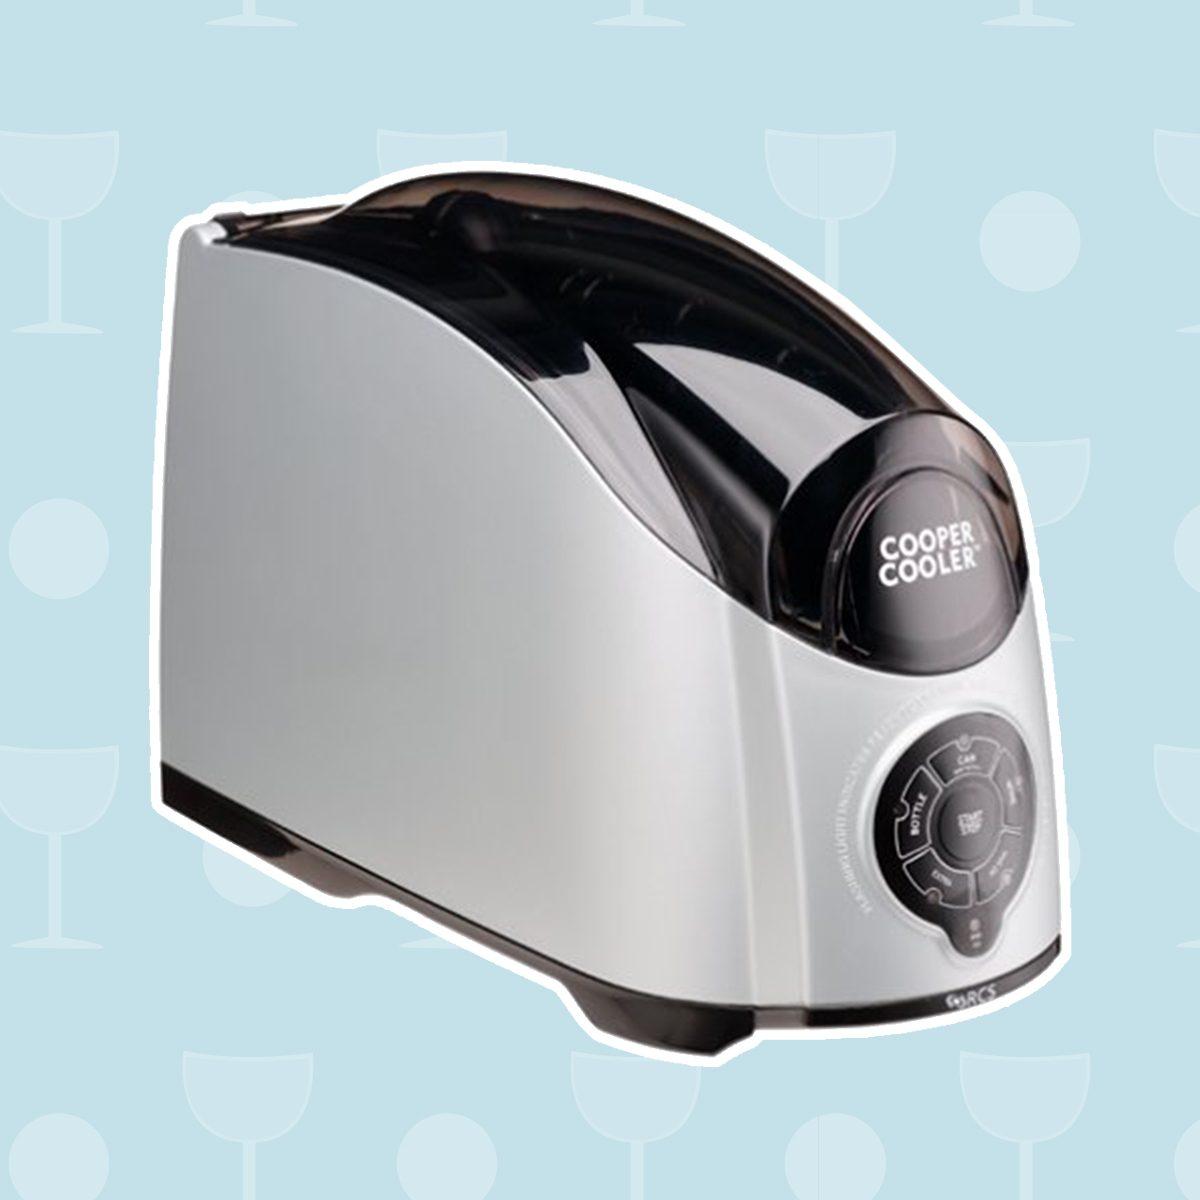 wine gifts, Cooper Cooler Rapid Beverage